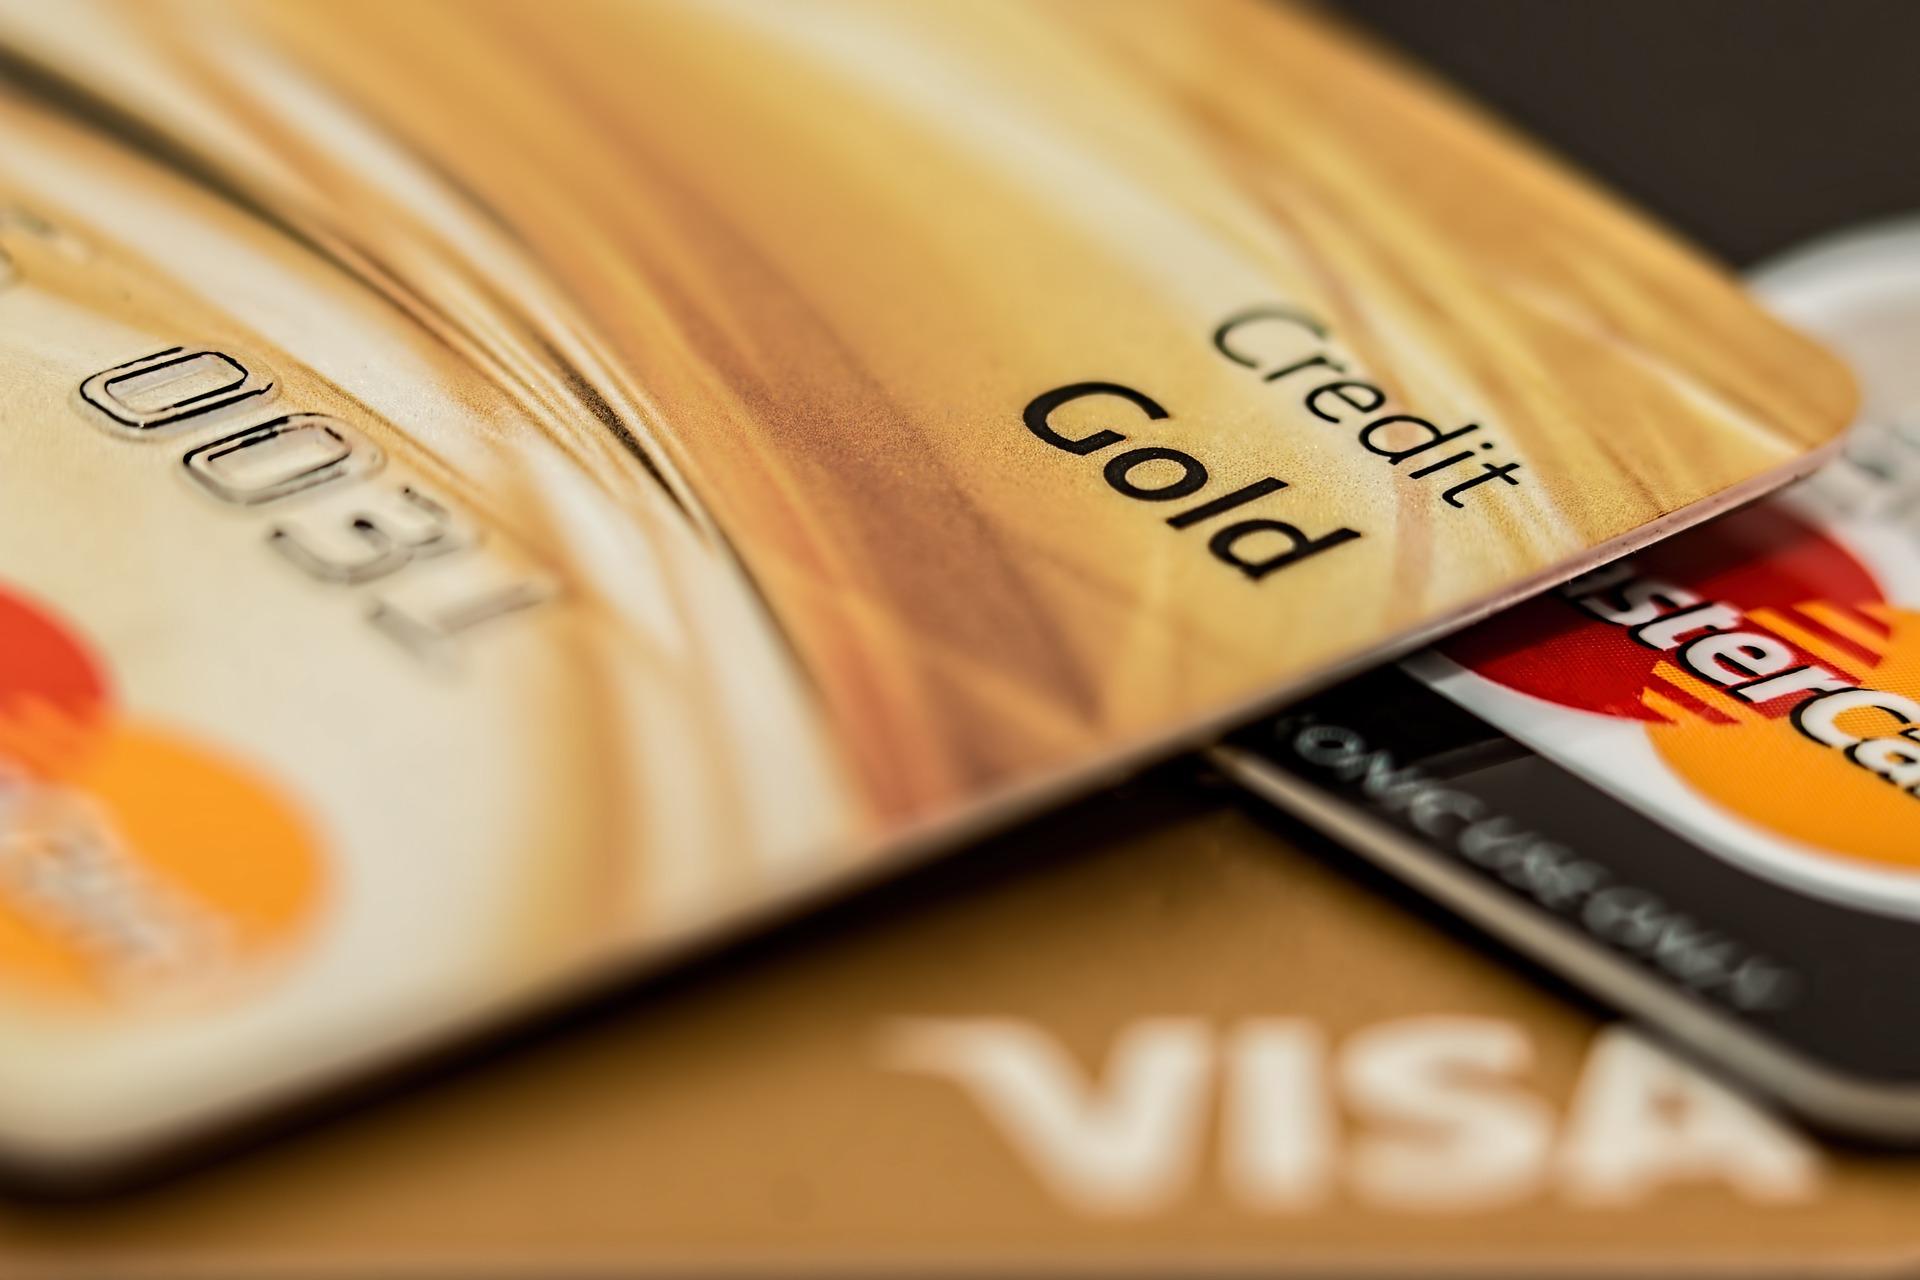 jak działa ubezpieczenie karty kredytowej